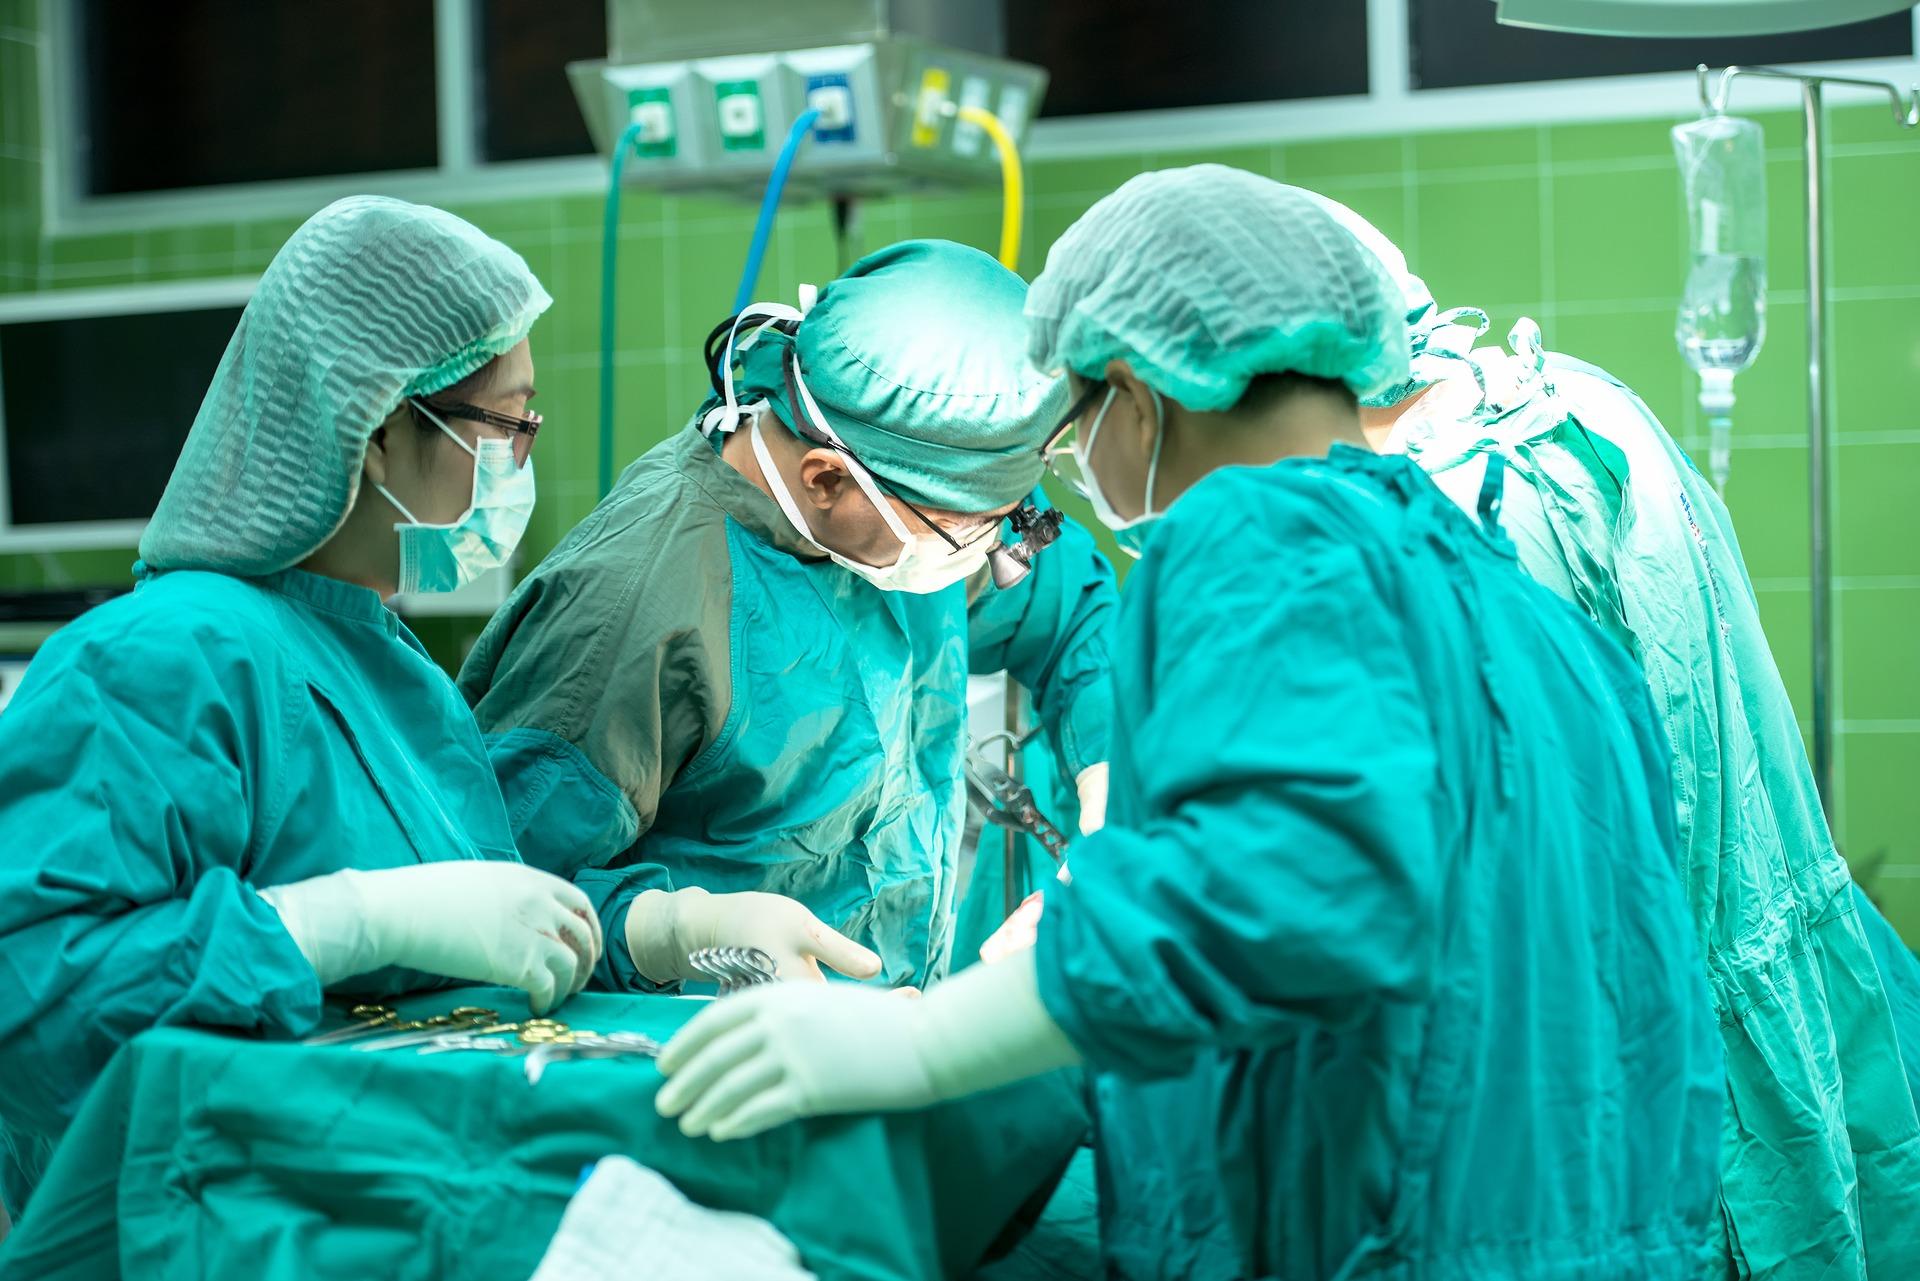 Чому «бразильські сідниці» є найбільш небезпечним видом пластичної хірургії